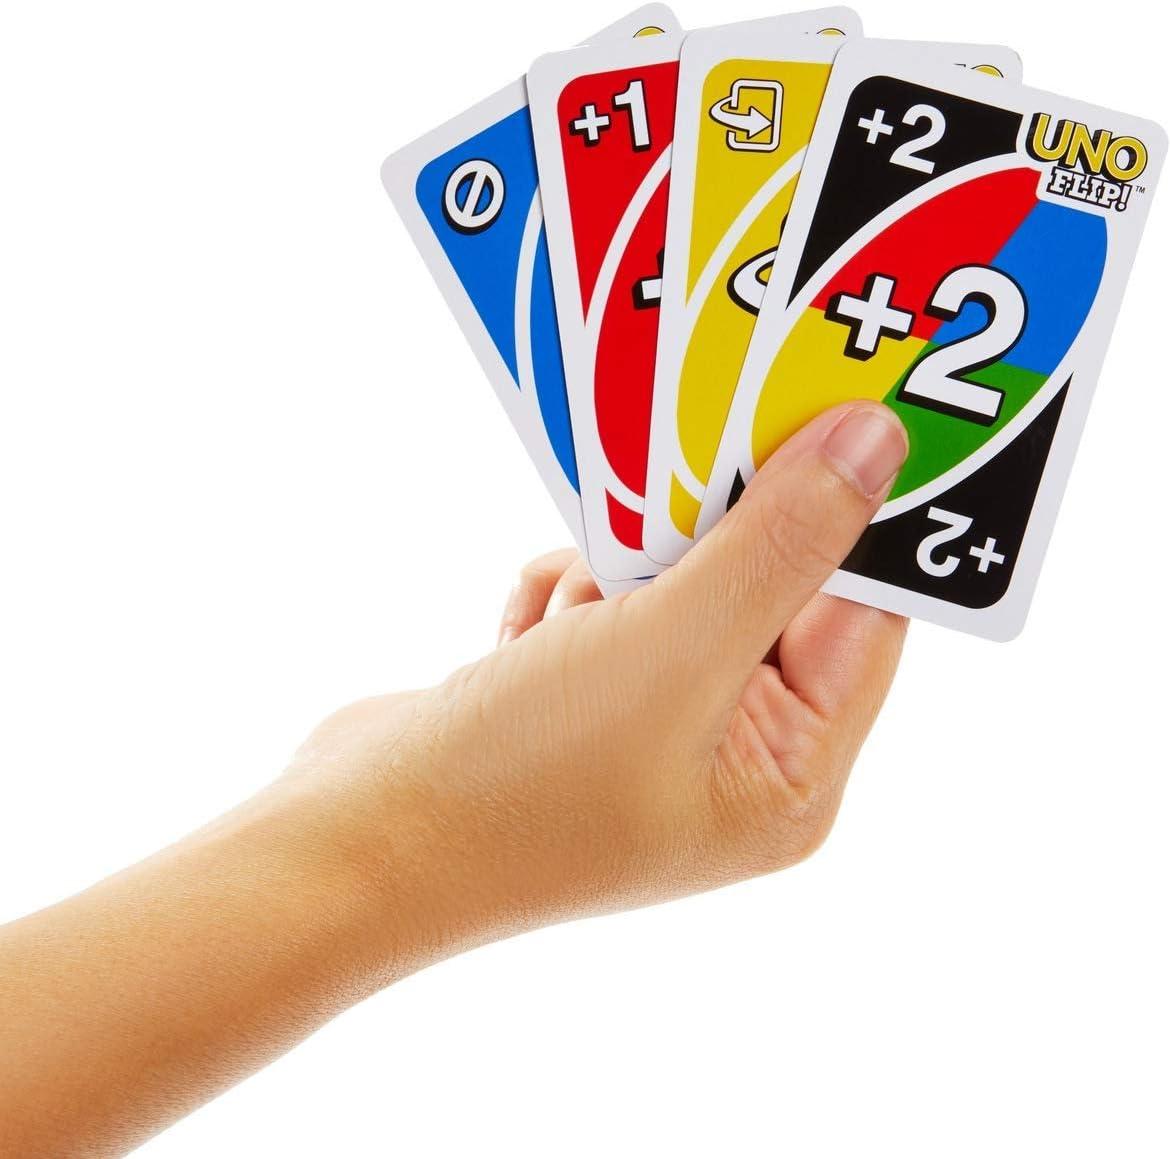 Mattel Games UNO Flip Juegos de cartas (Mattel GDR44): Amazon.es: Juguetes y juegos